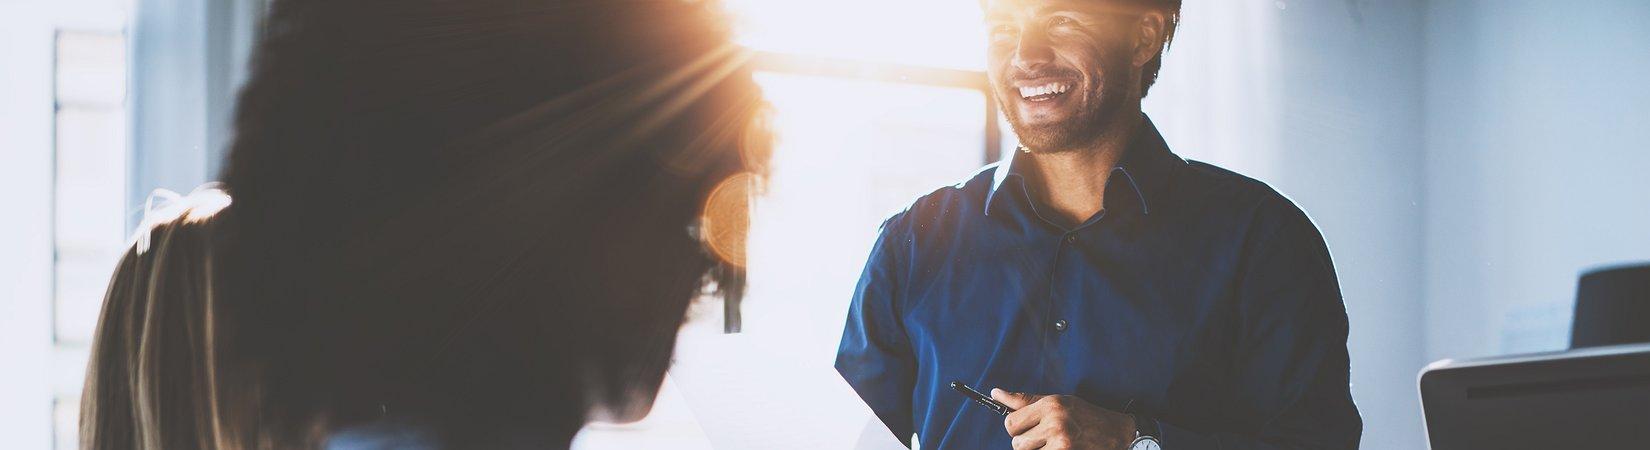 Cómo distinguir un buen consejo de un consejo eficaz